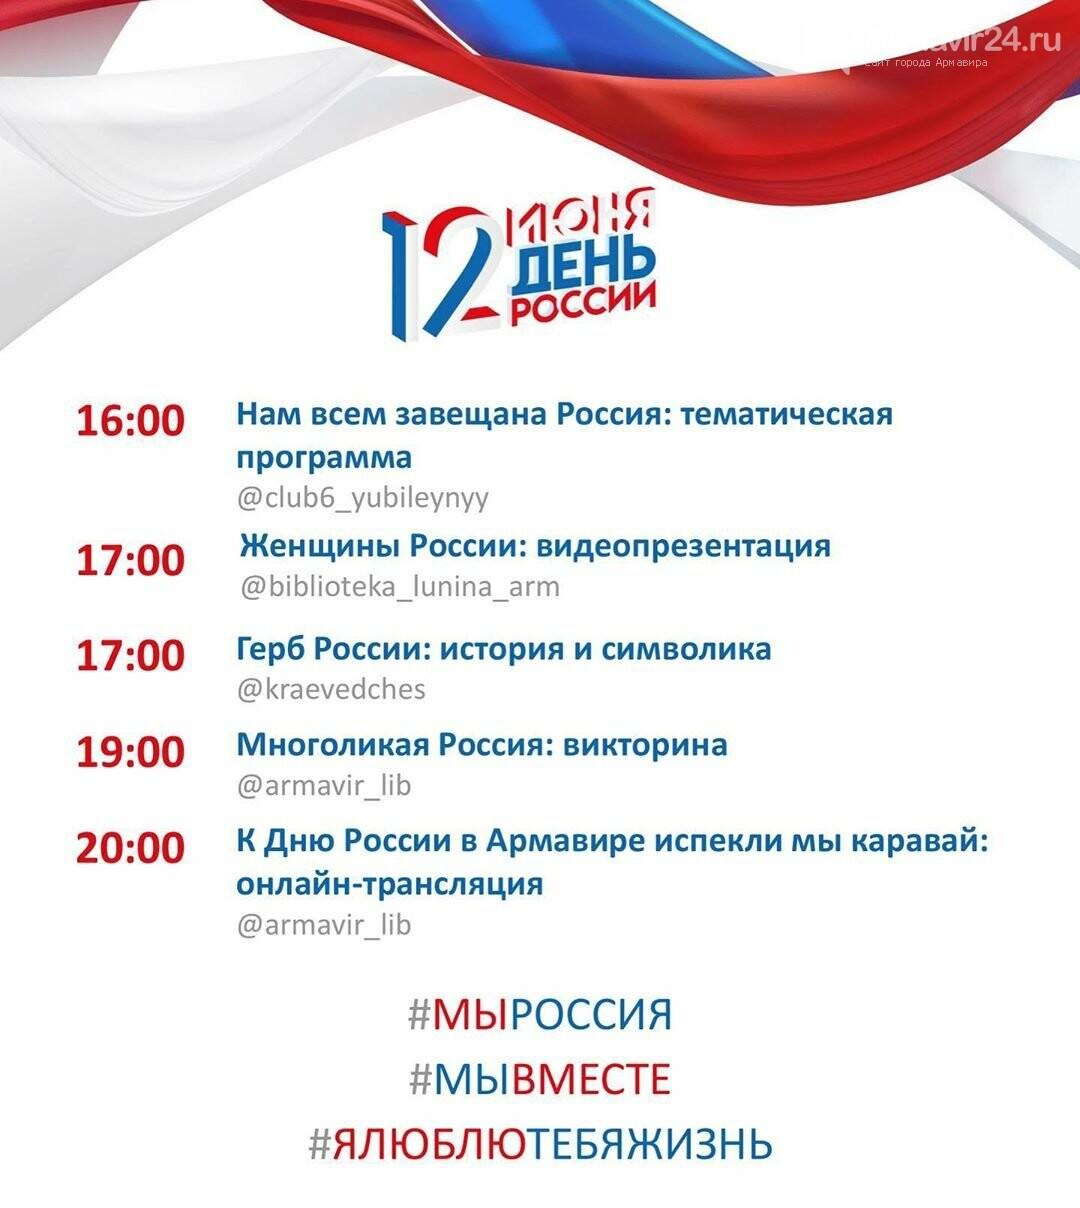 Песнями, танцами и пирогами предлагают армавирцам отпраздновать День России, фото-5